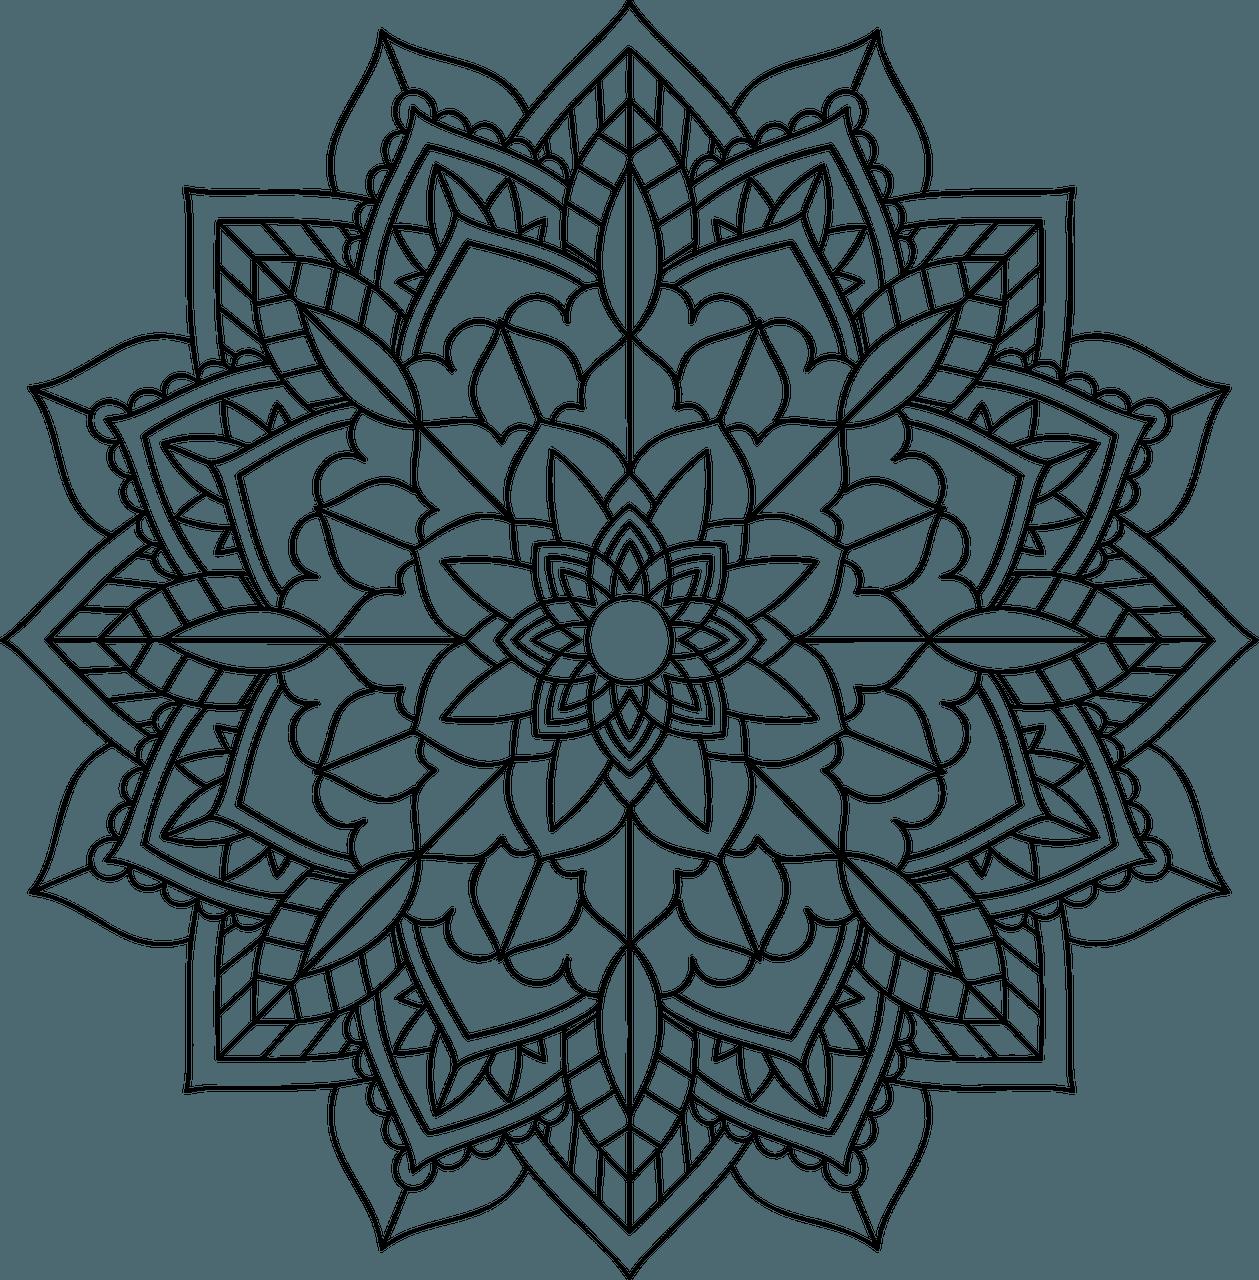 Imágenes De Mandalas Para Colorear  Imprimible